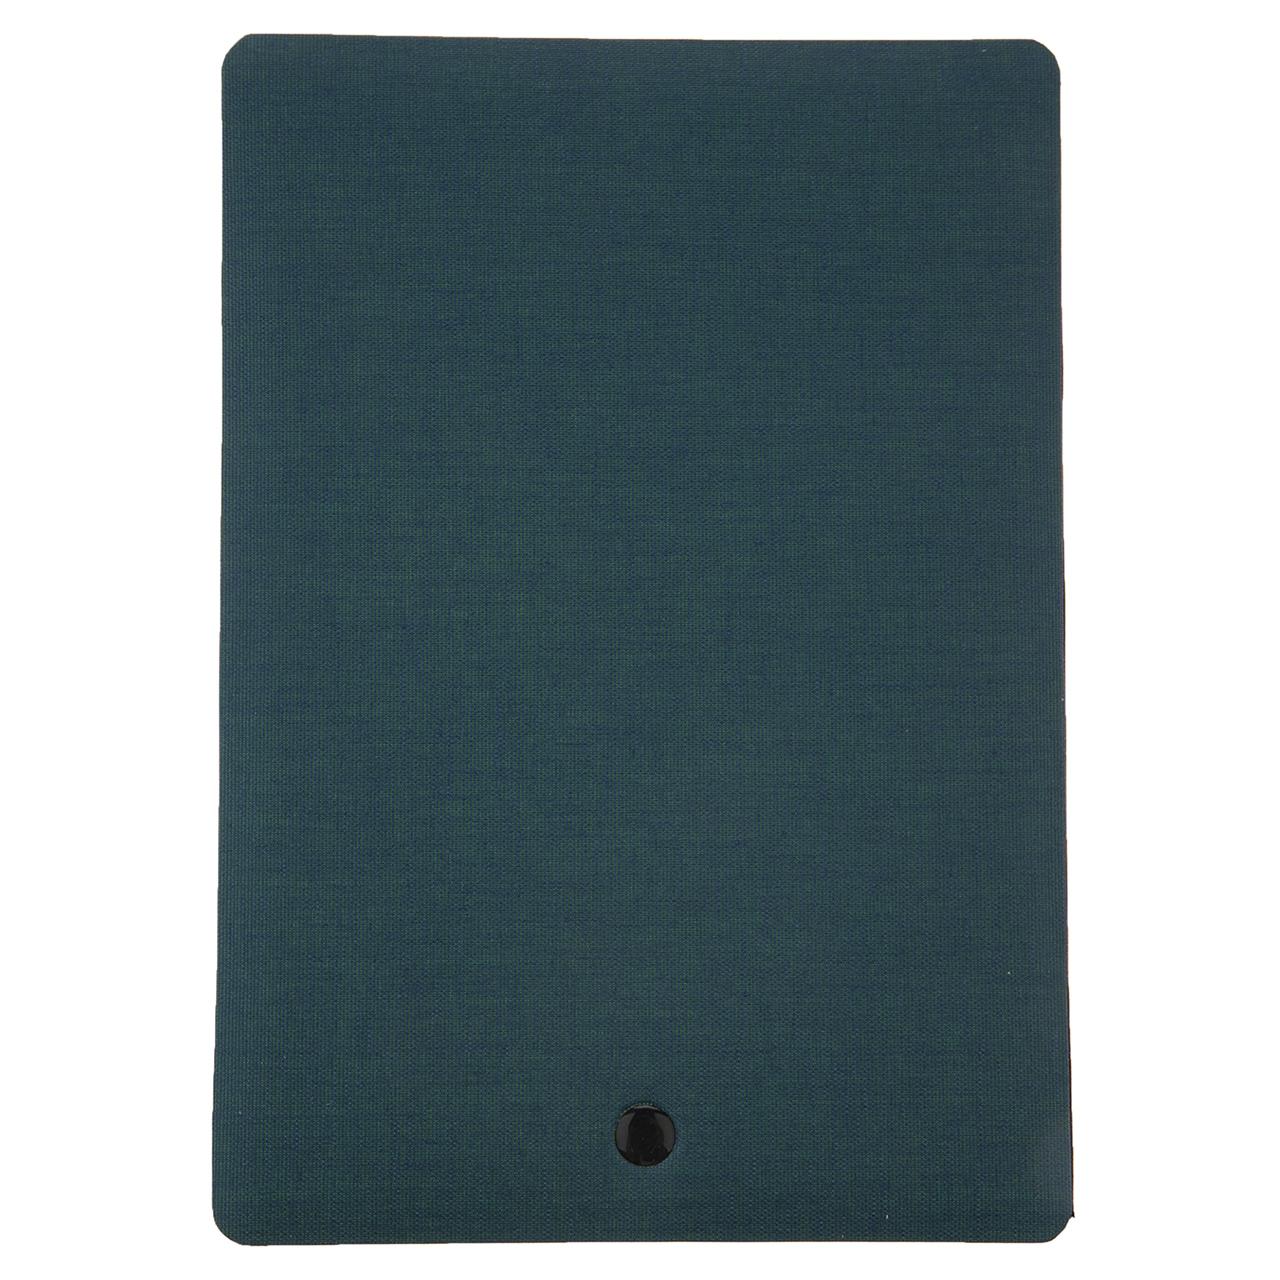 دفتر یادداشت دانو کد 21305